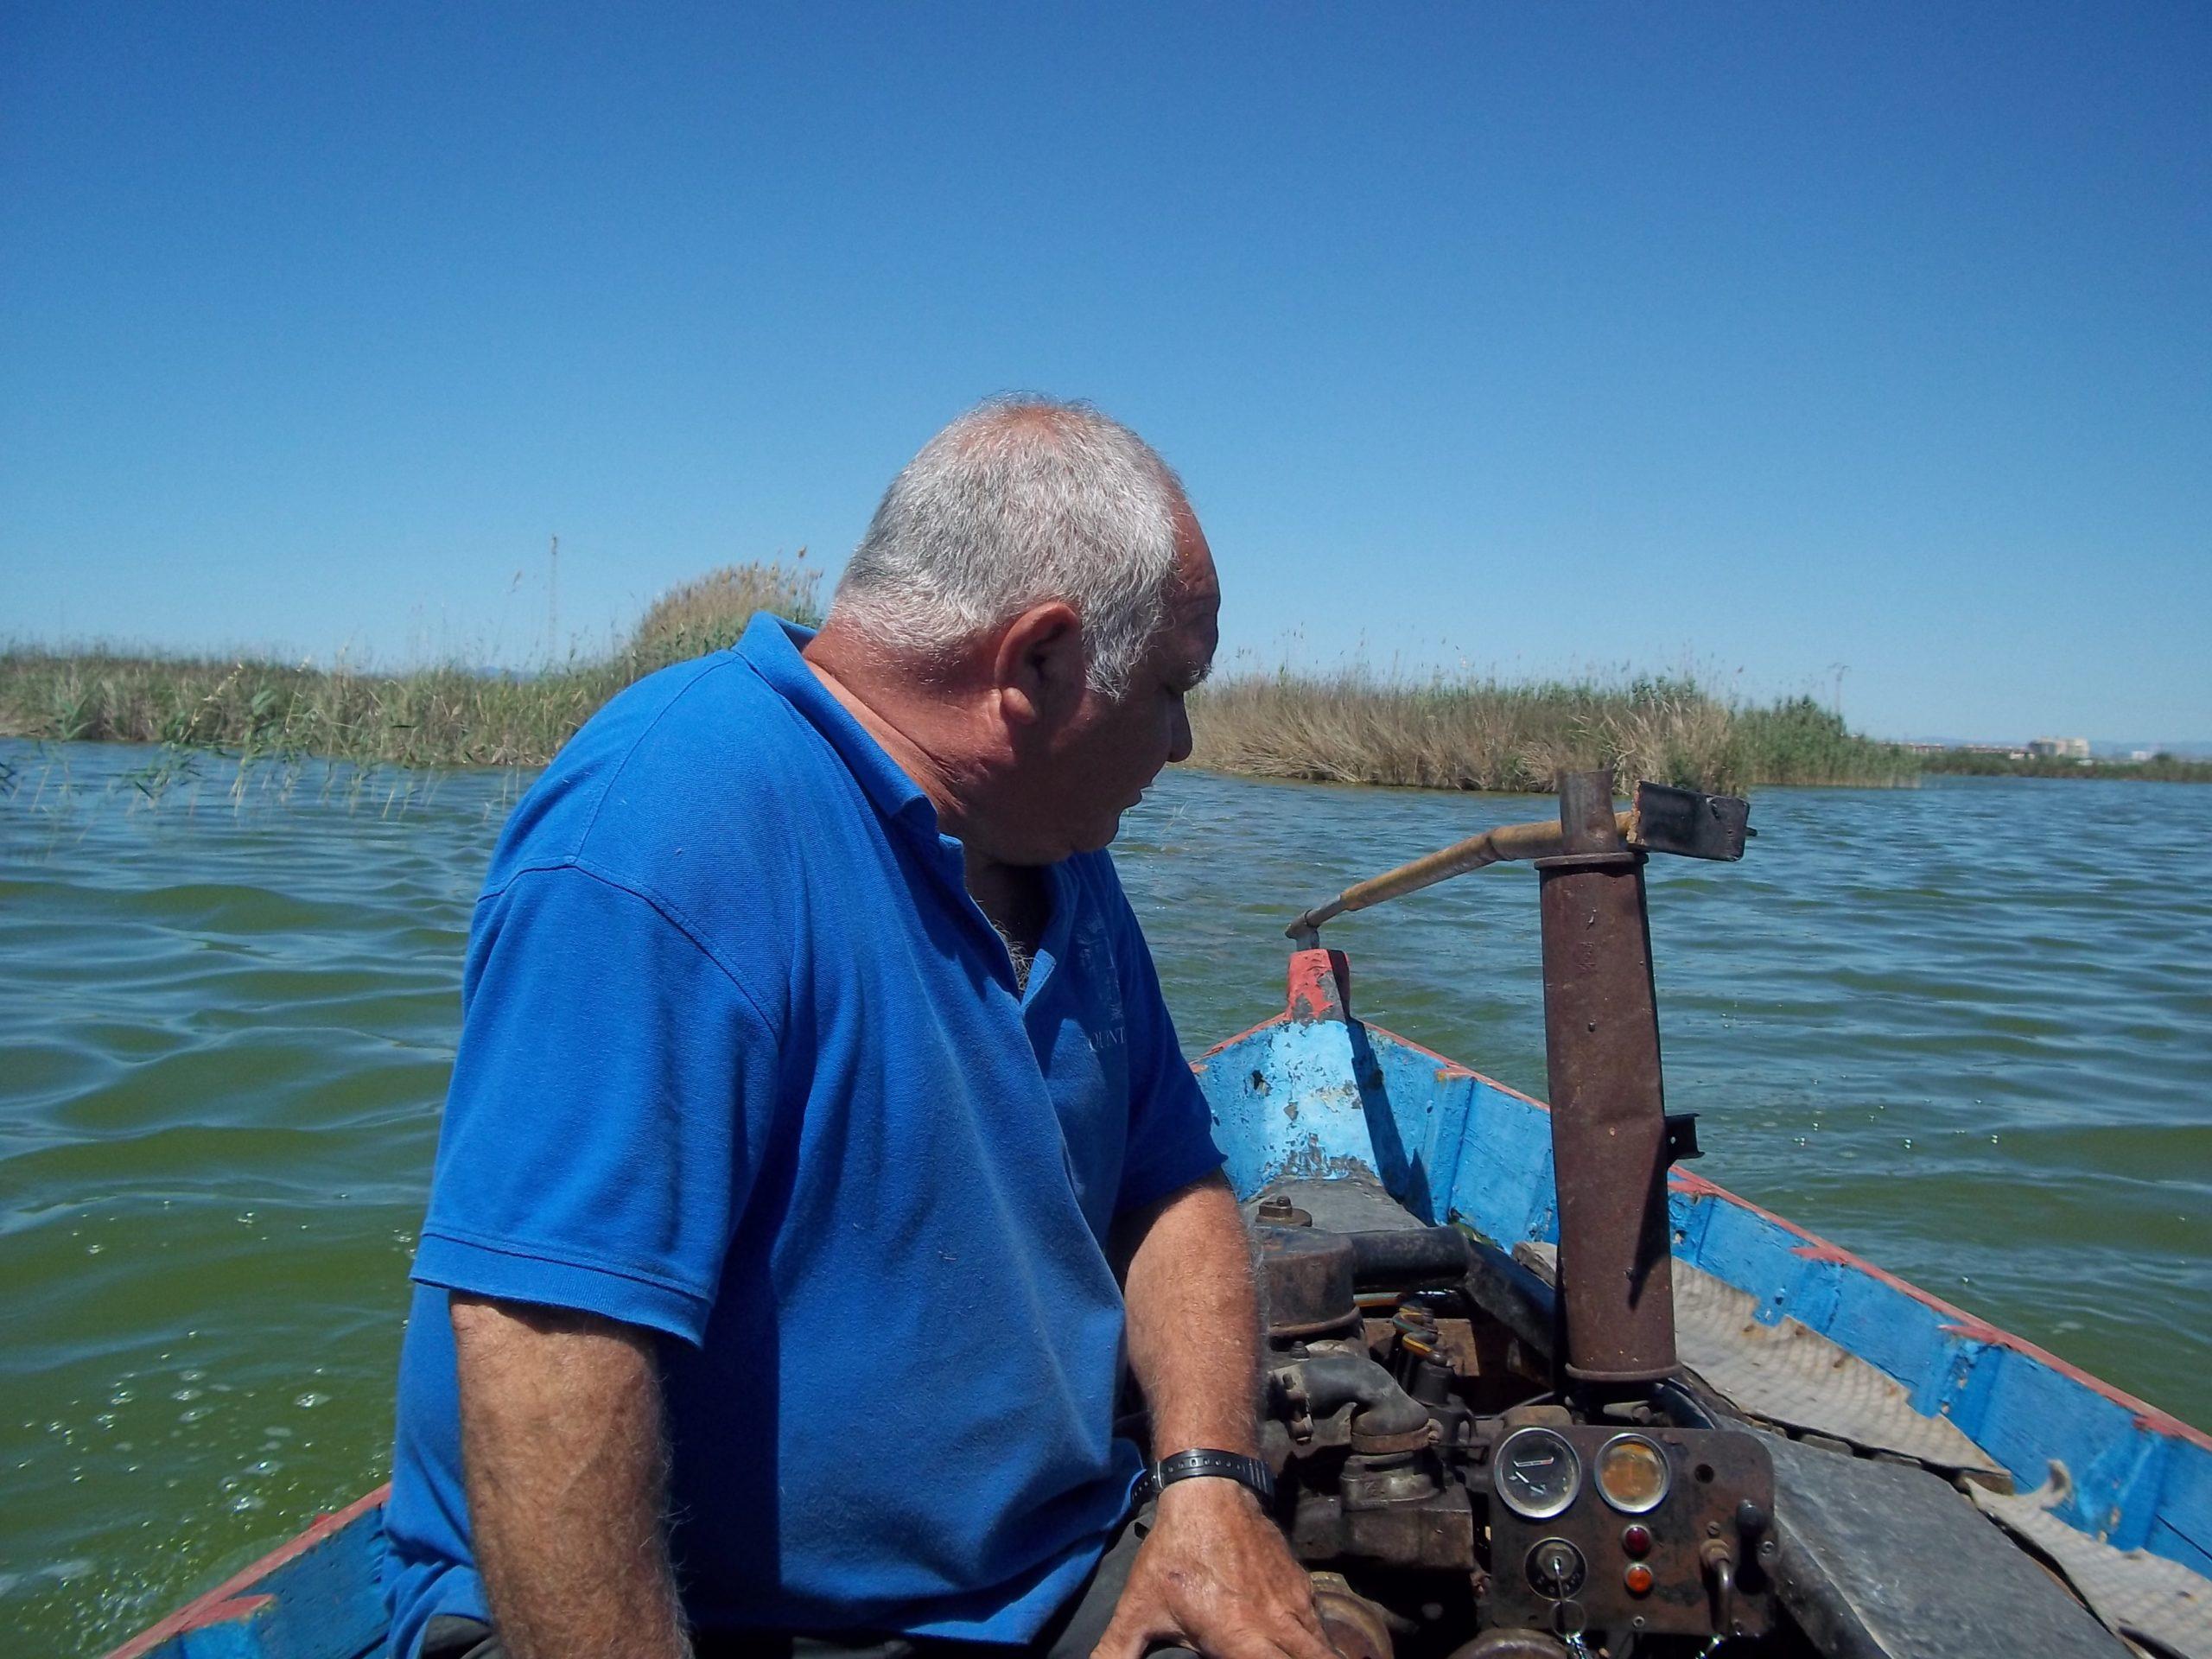 Proyecto de electrificación de barcas para sustituir combustibles fósiles en l'Albufera